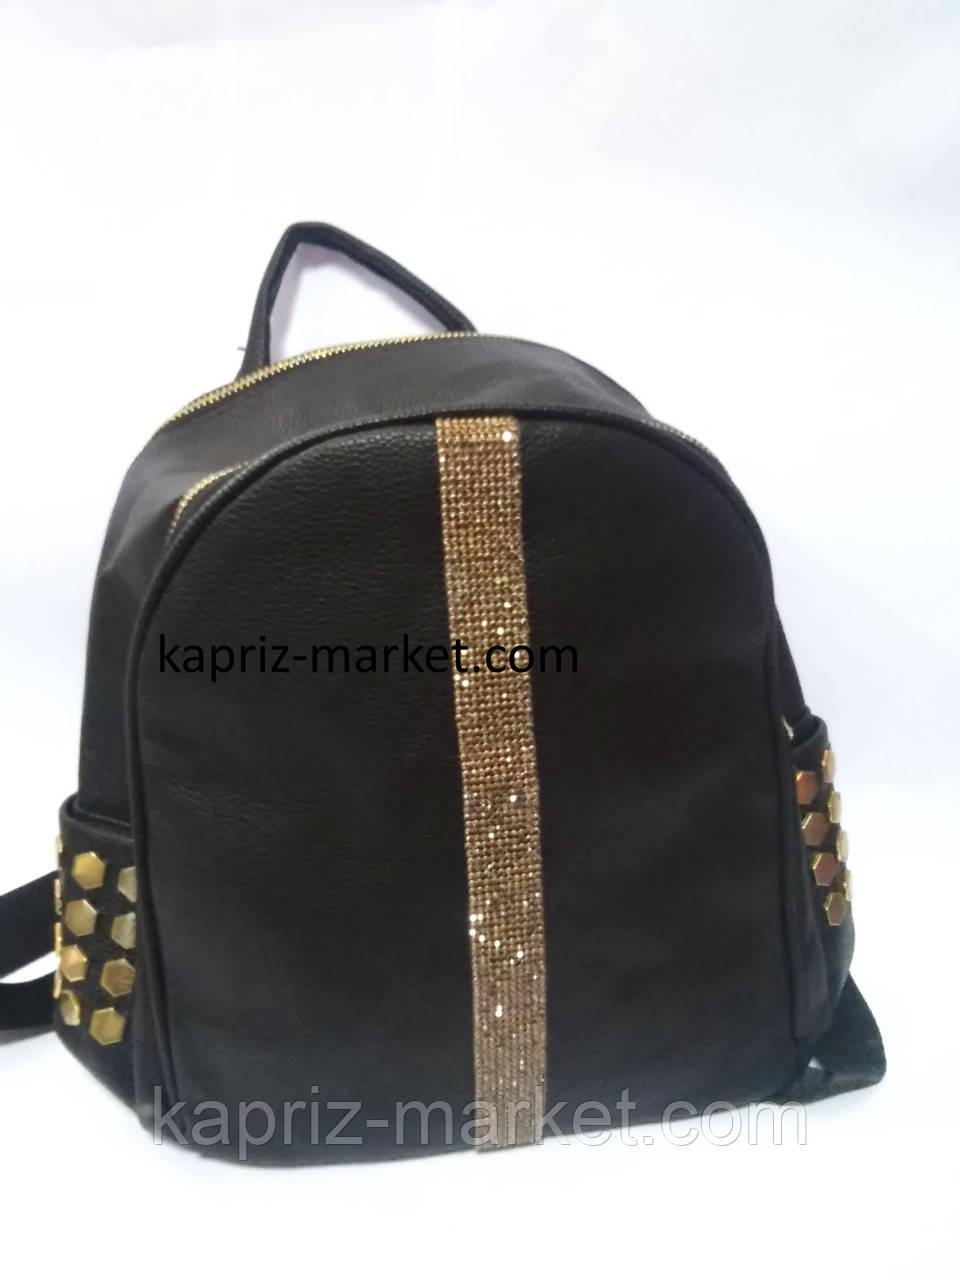 Рюкзак кожзам с камнями, среднего размера, 27см х 23см х 13см, фото 1